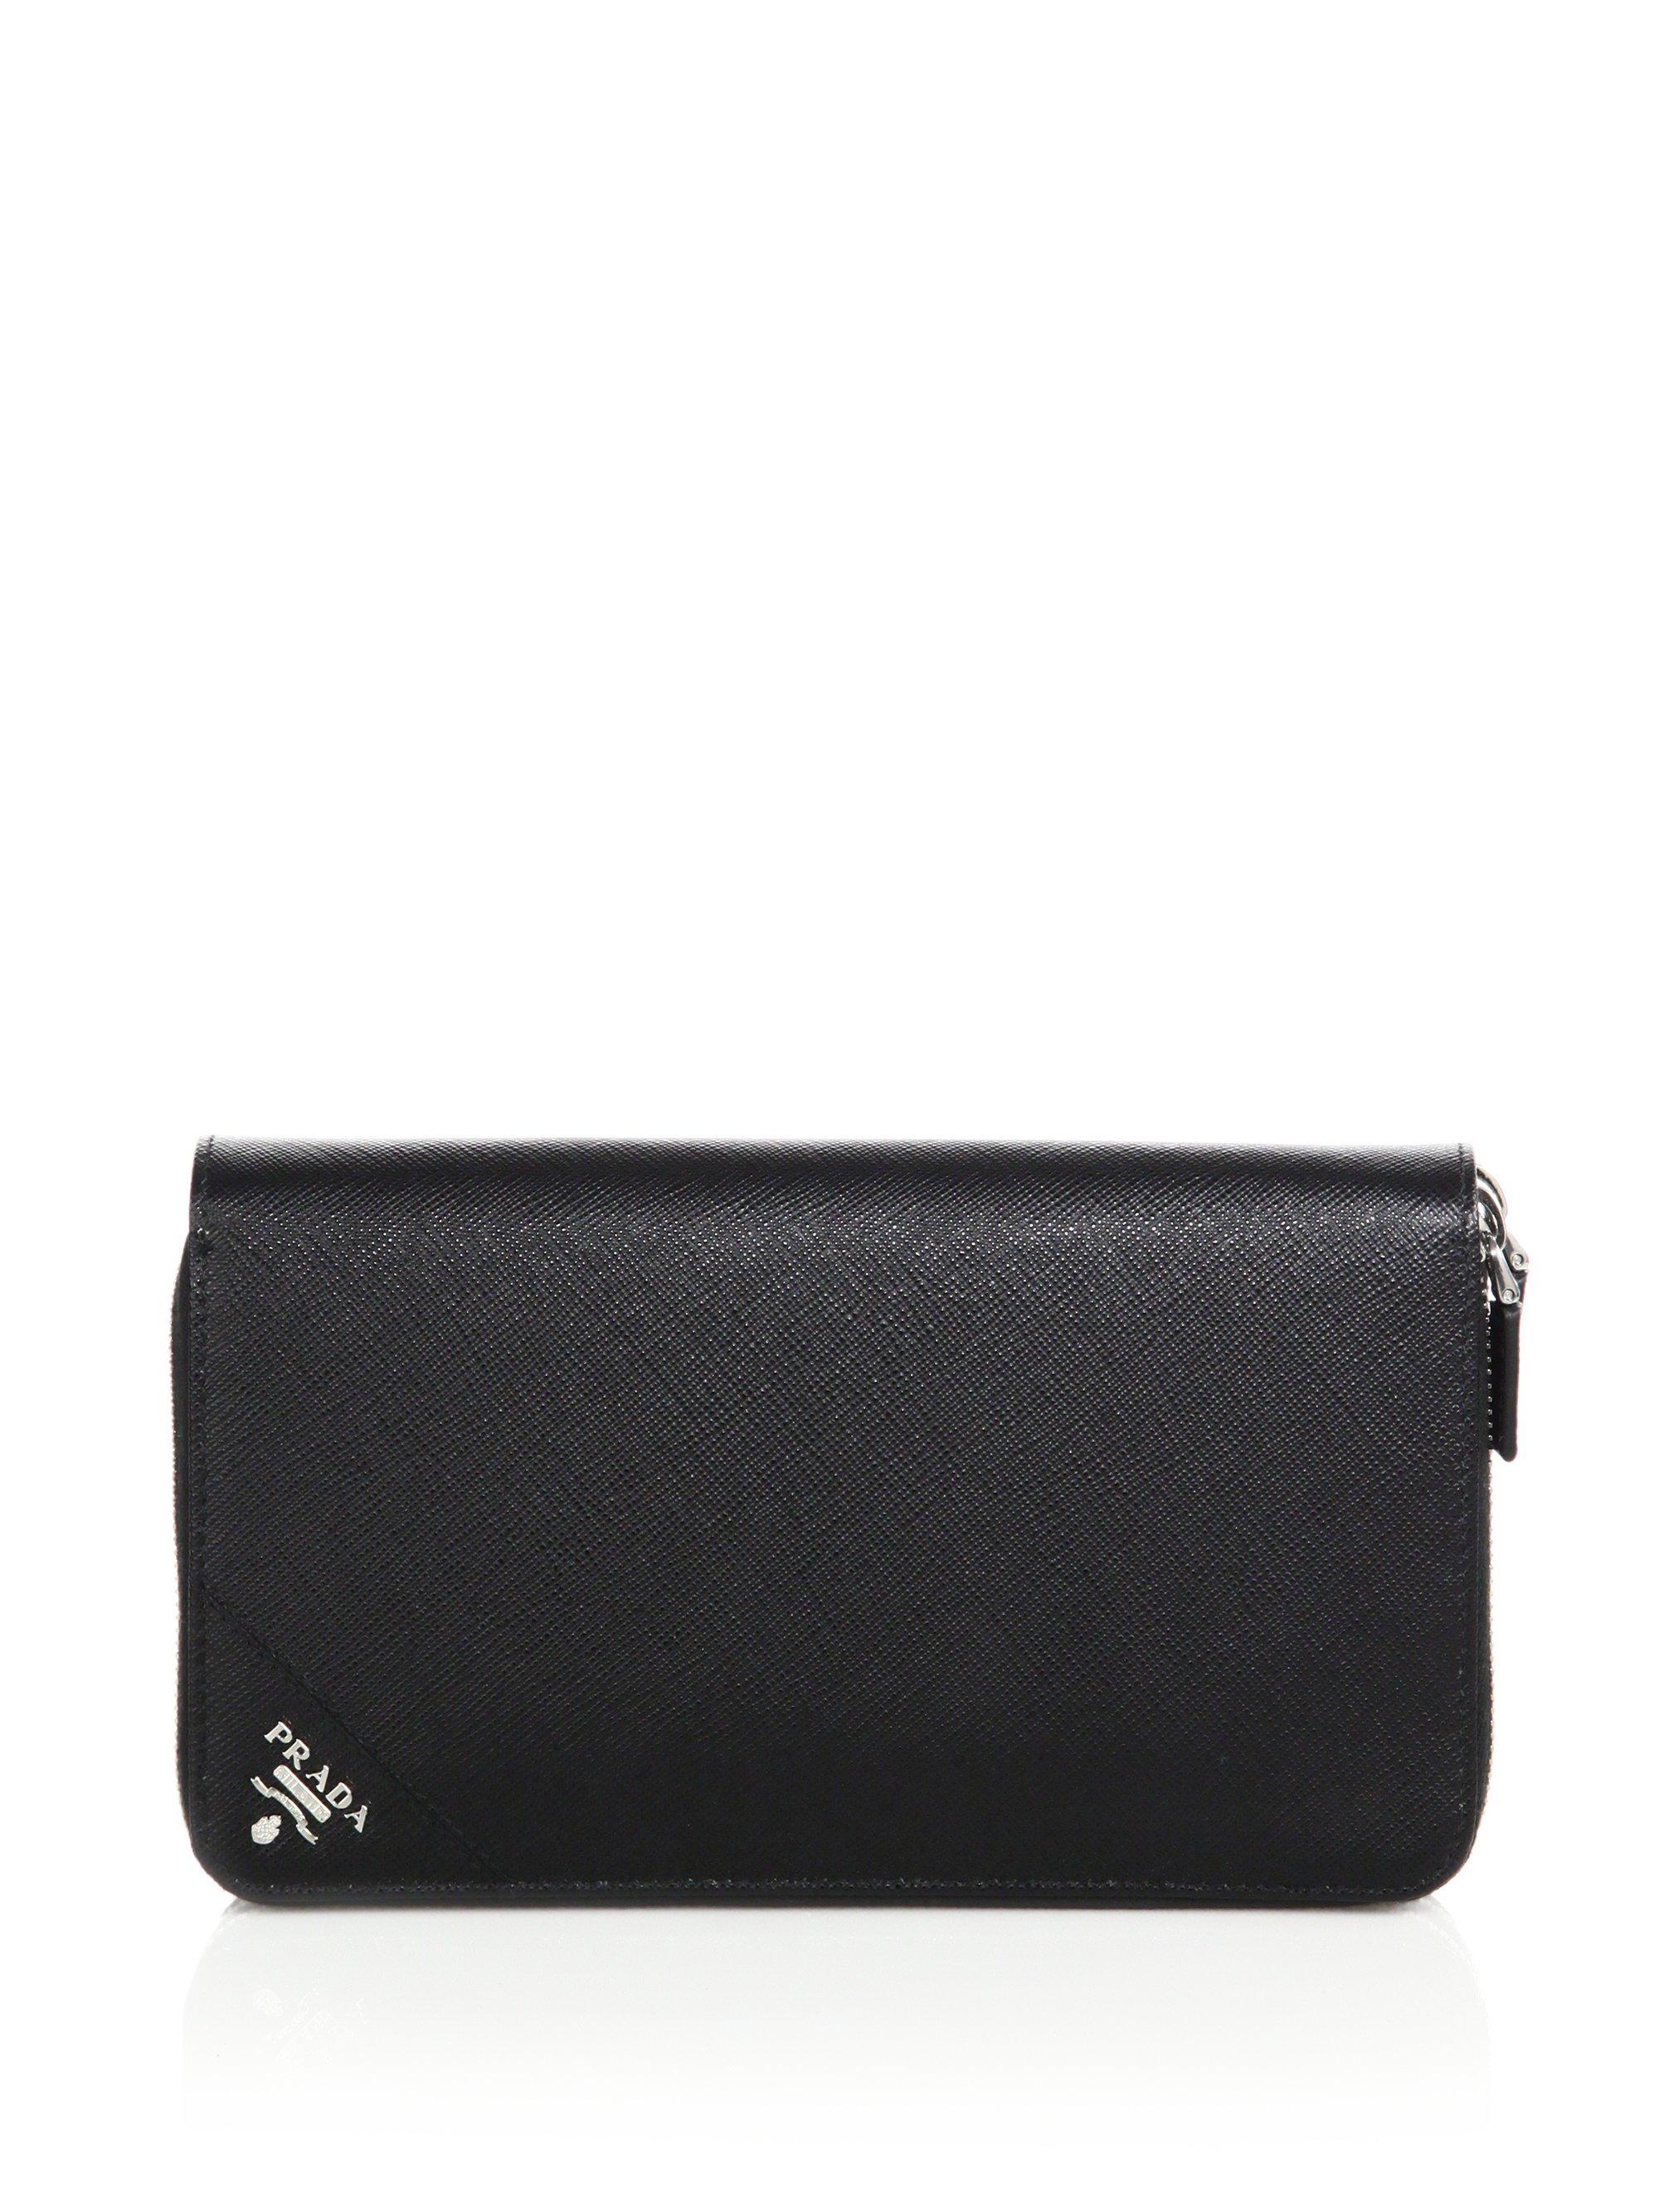 ed262c0512bc30 ... cheapest wholesale lyst prada portafoglio lampo wallet in black for men  5d9fb c7dc3 24863 661d0